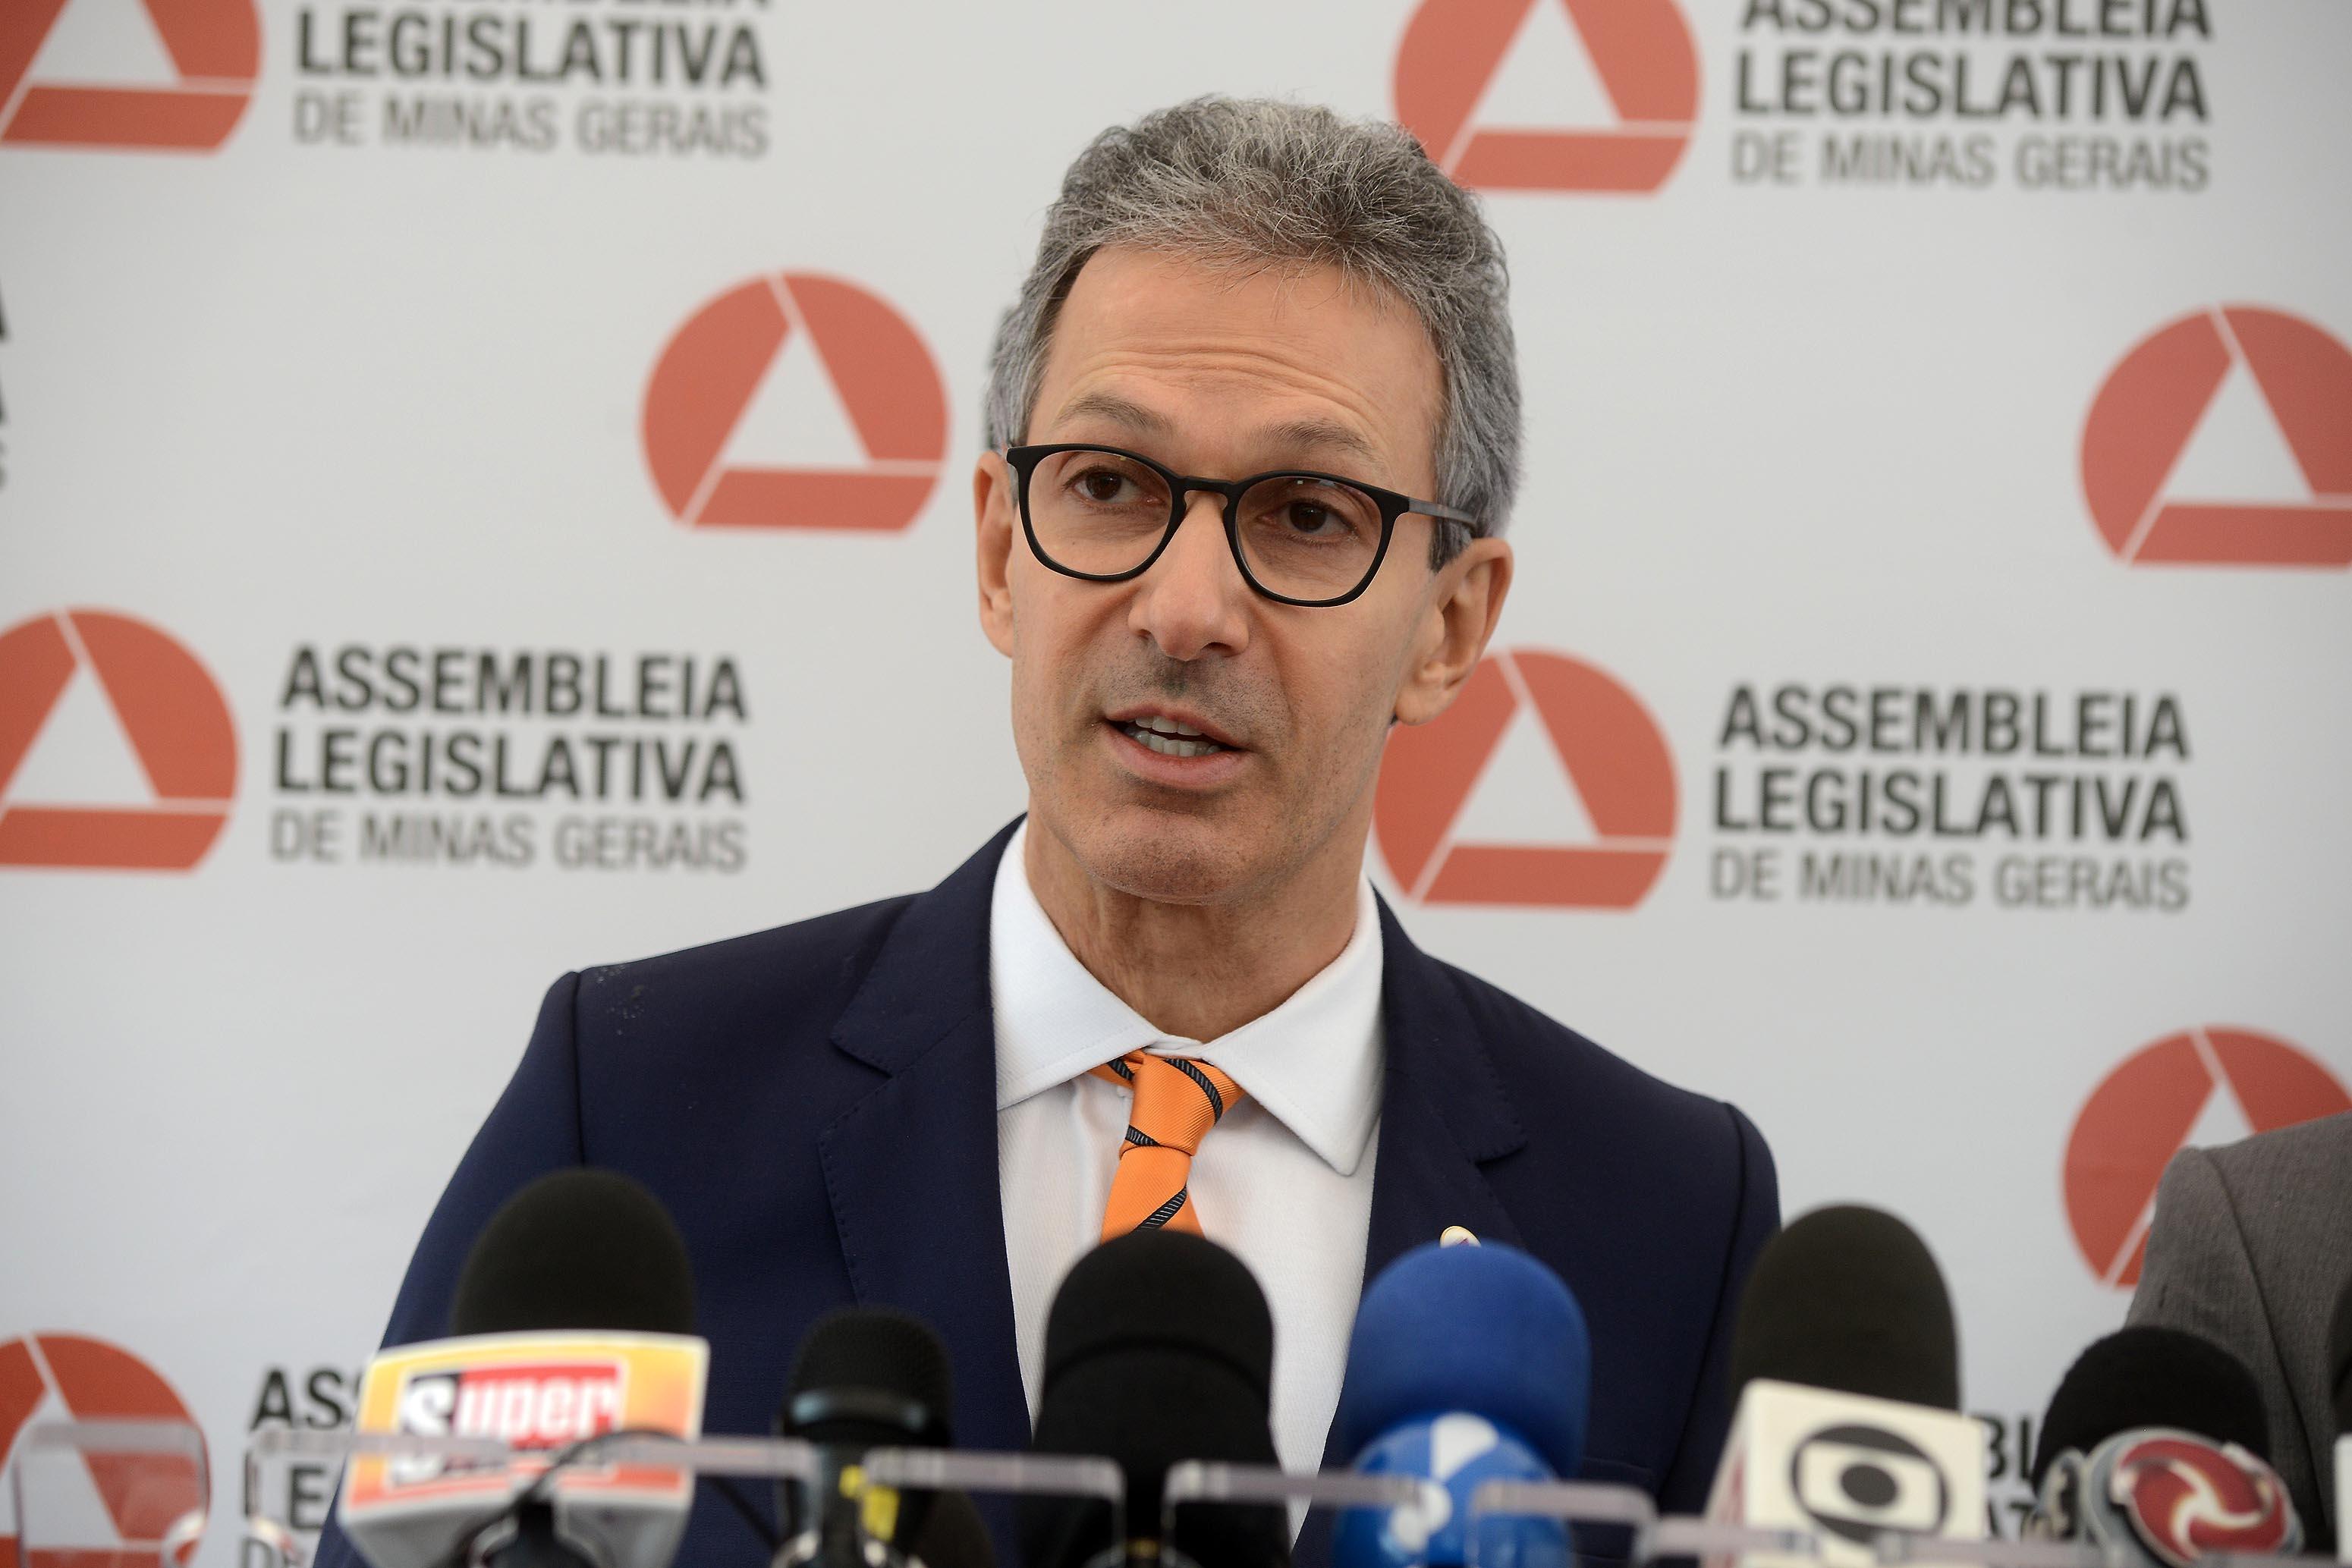 O advogado-geral de Minas Gerais, Sérgio Pessoa de Paula Castro, defende a medida como necessária na adaptação para o que chamou de